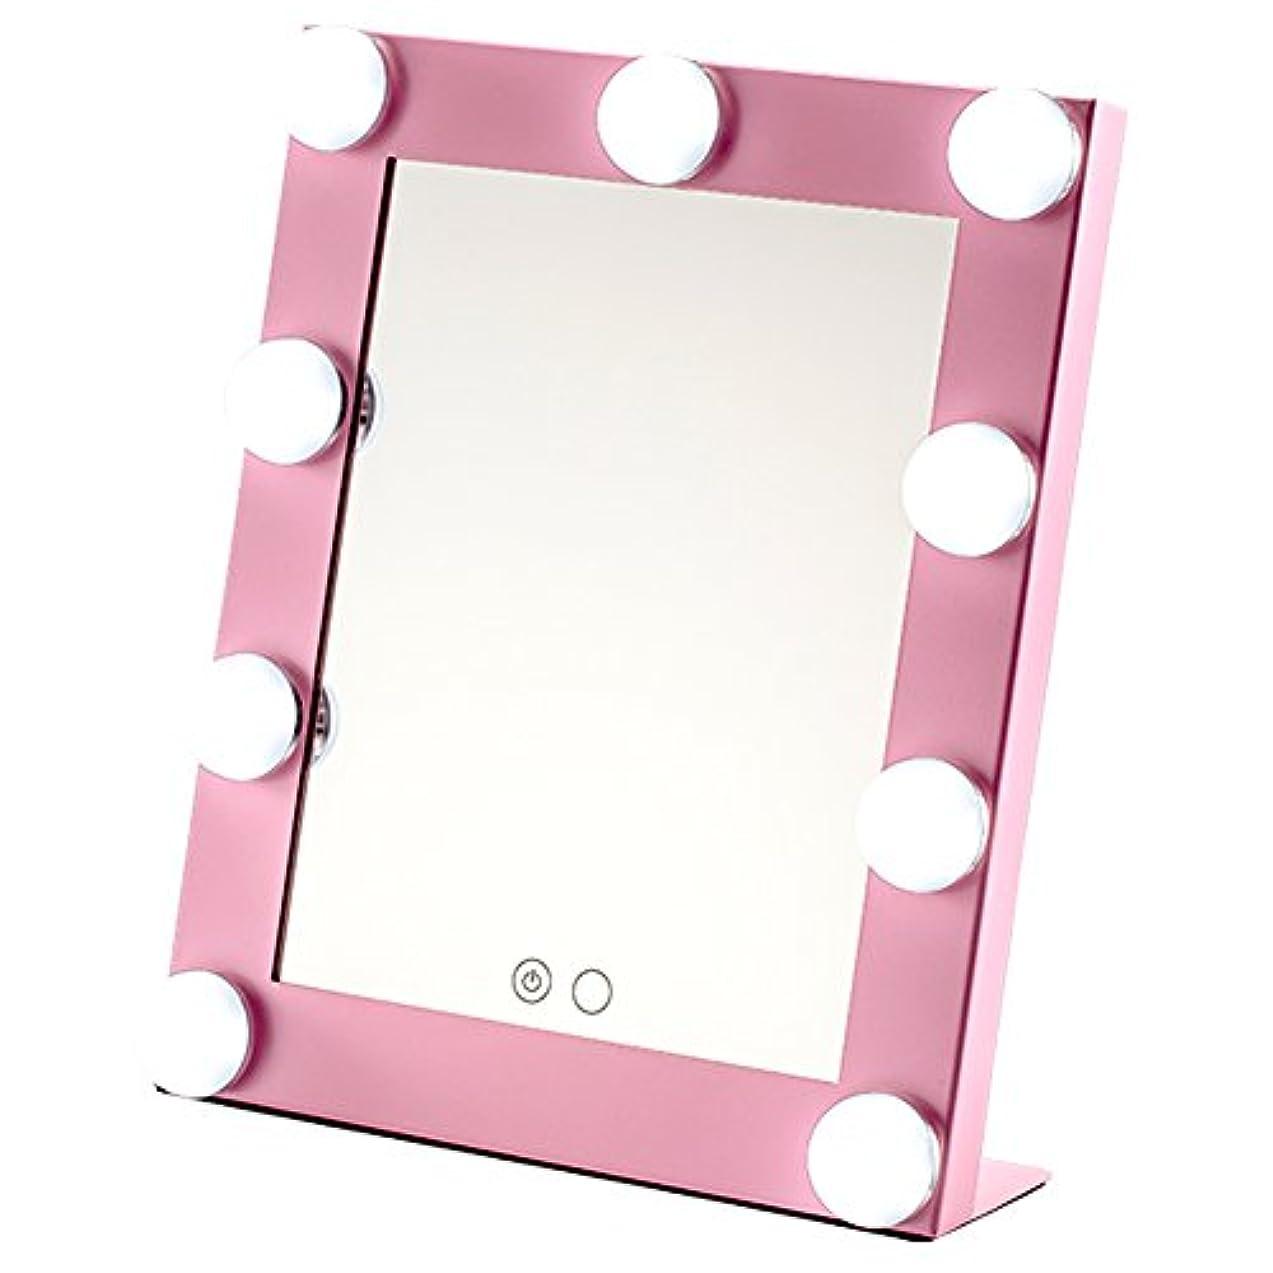 シャッフル上級まあOrara beauty 化粧鏡 女優ミラー led化粧ミラー メイクアップミラー LEDライト付き ハリウッド式スタンドミラー 9*3W LED電球付き 2way給電タイプ 卓上ミラー (ピンク)